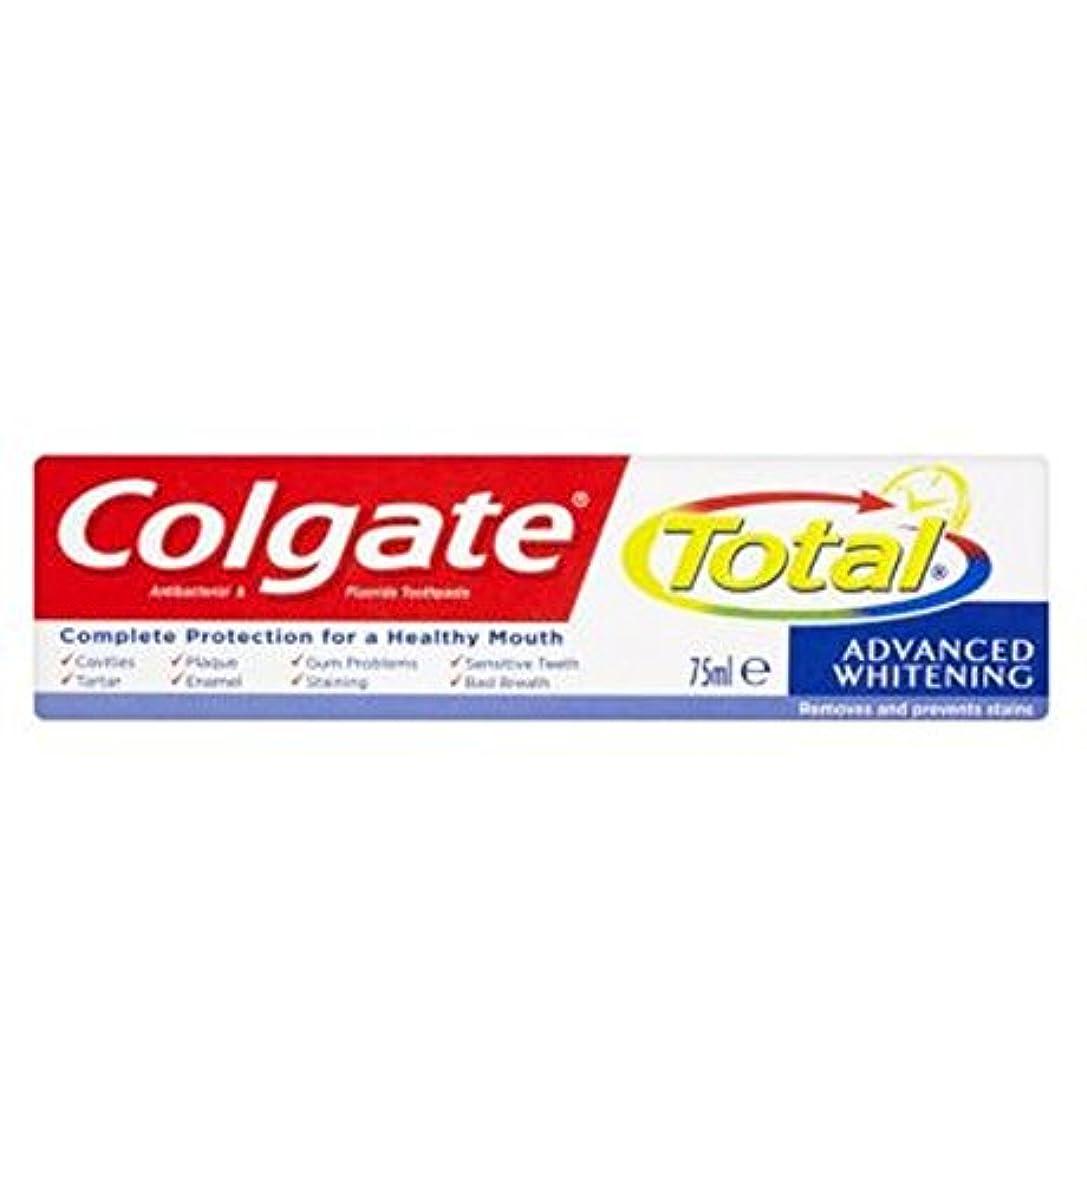 断線忠誠ジーンズColgate Total Advanced Whitening toothpaste 75ml - コルゲートトータル高度なホワイトニング歯磨き粉75ミリリットル (Colgate) [並行輸入品]